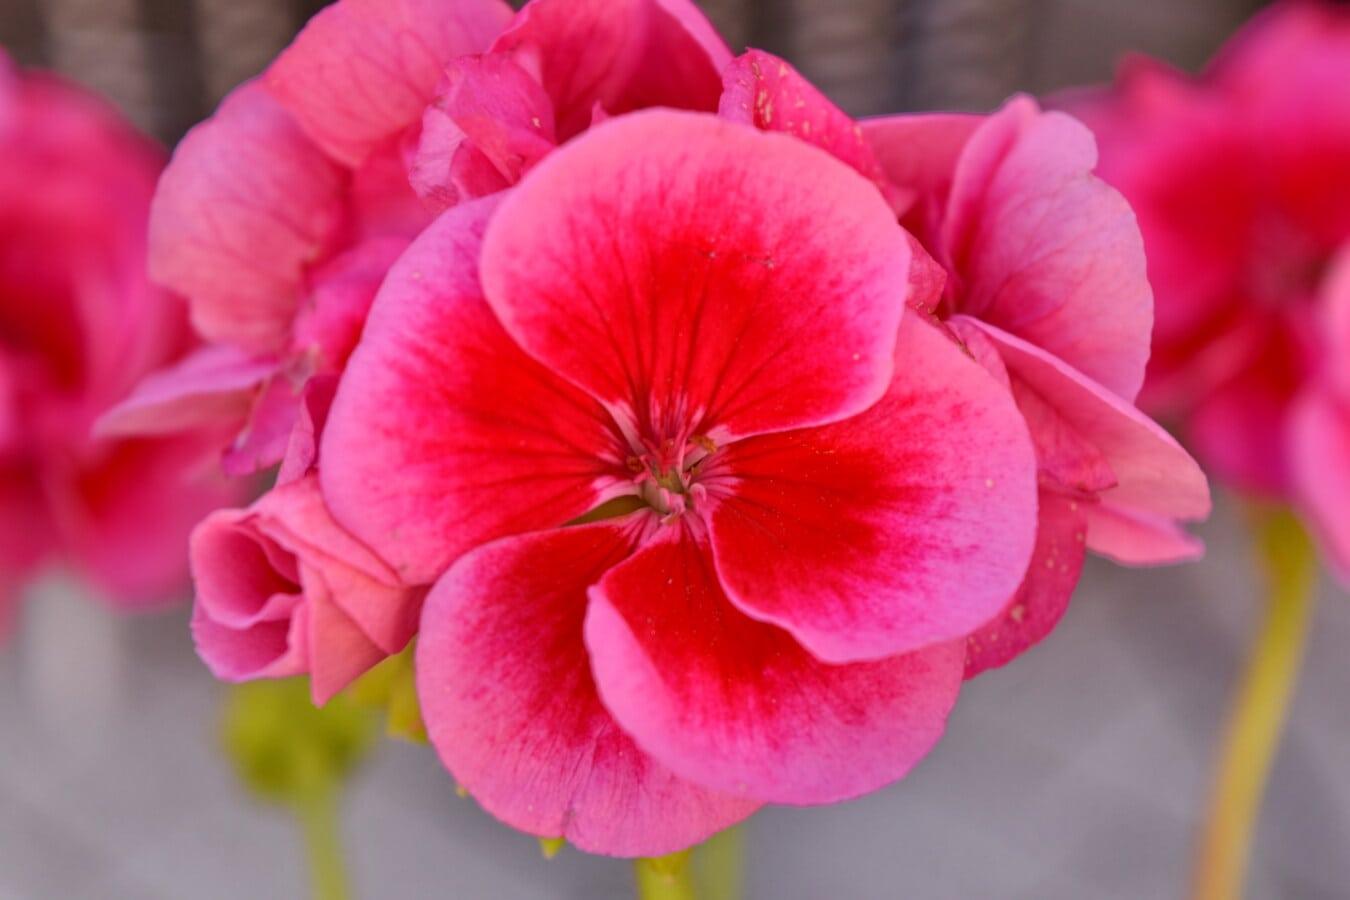 Rosa, Geranie, Stempel, Detail, aus nächster Nähe, Garten, Natur, Flora, Blüte, Anlage